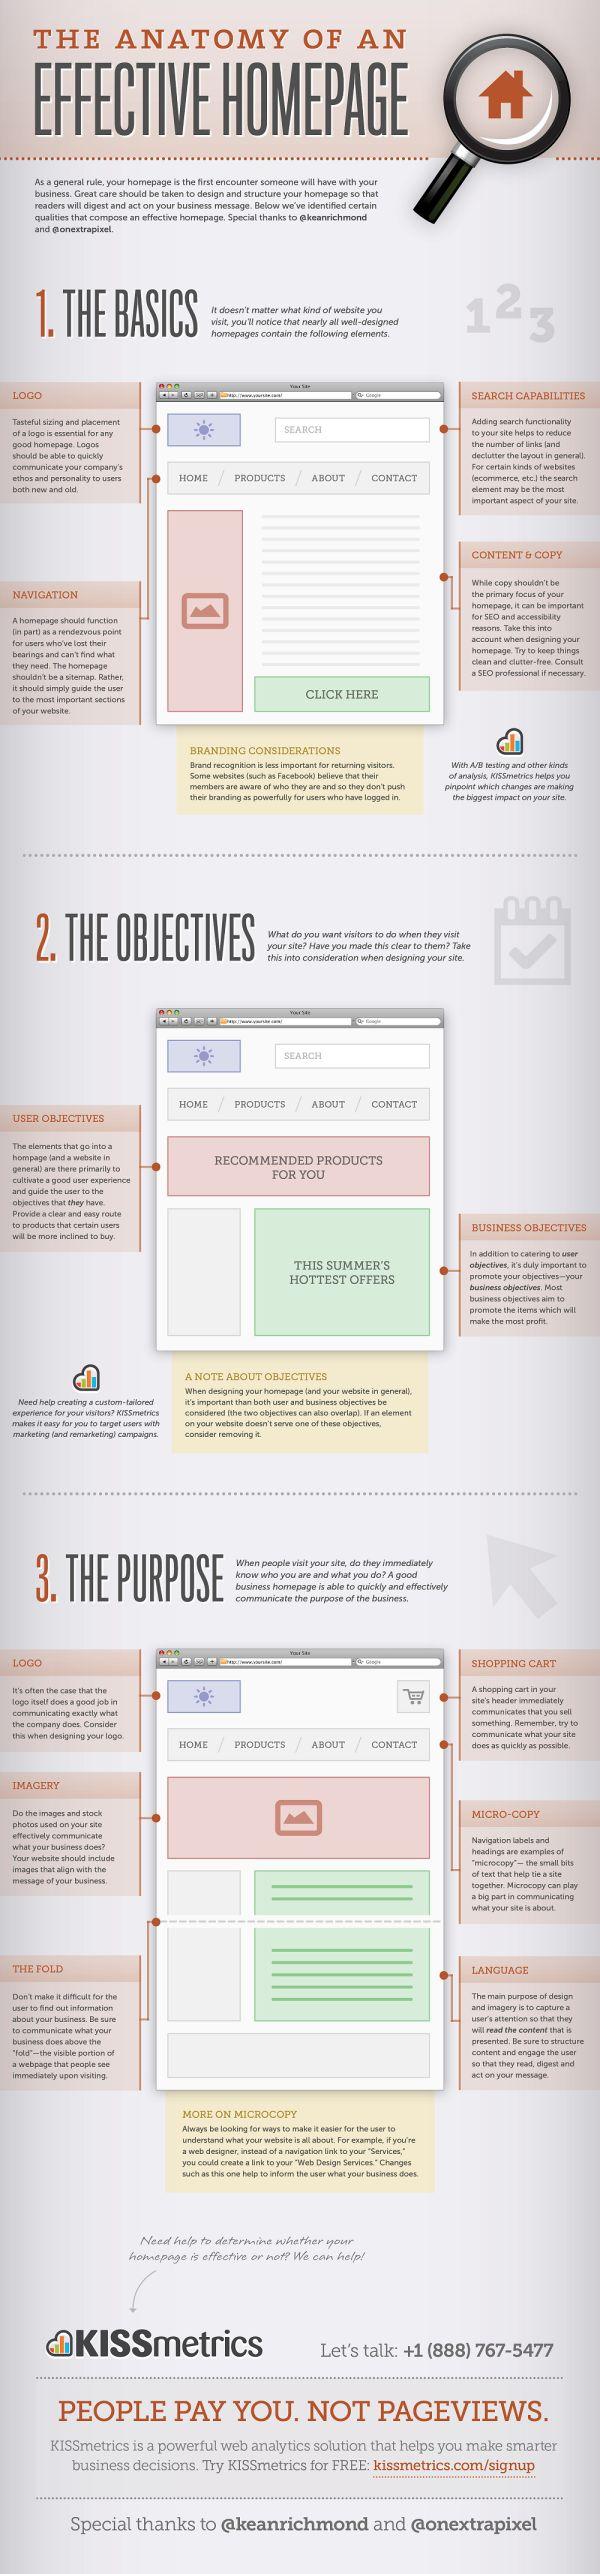 467 best web design images on Pinterest | Website designs, Design ...